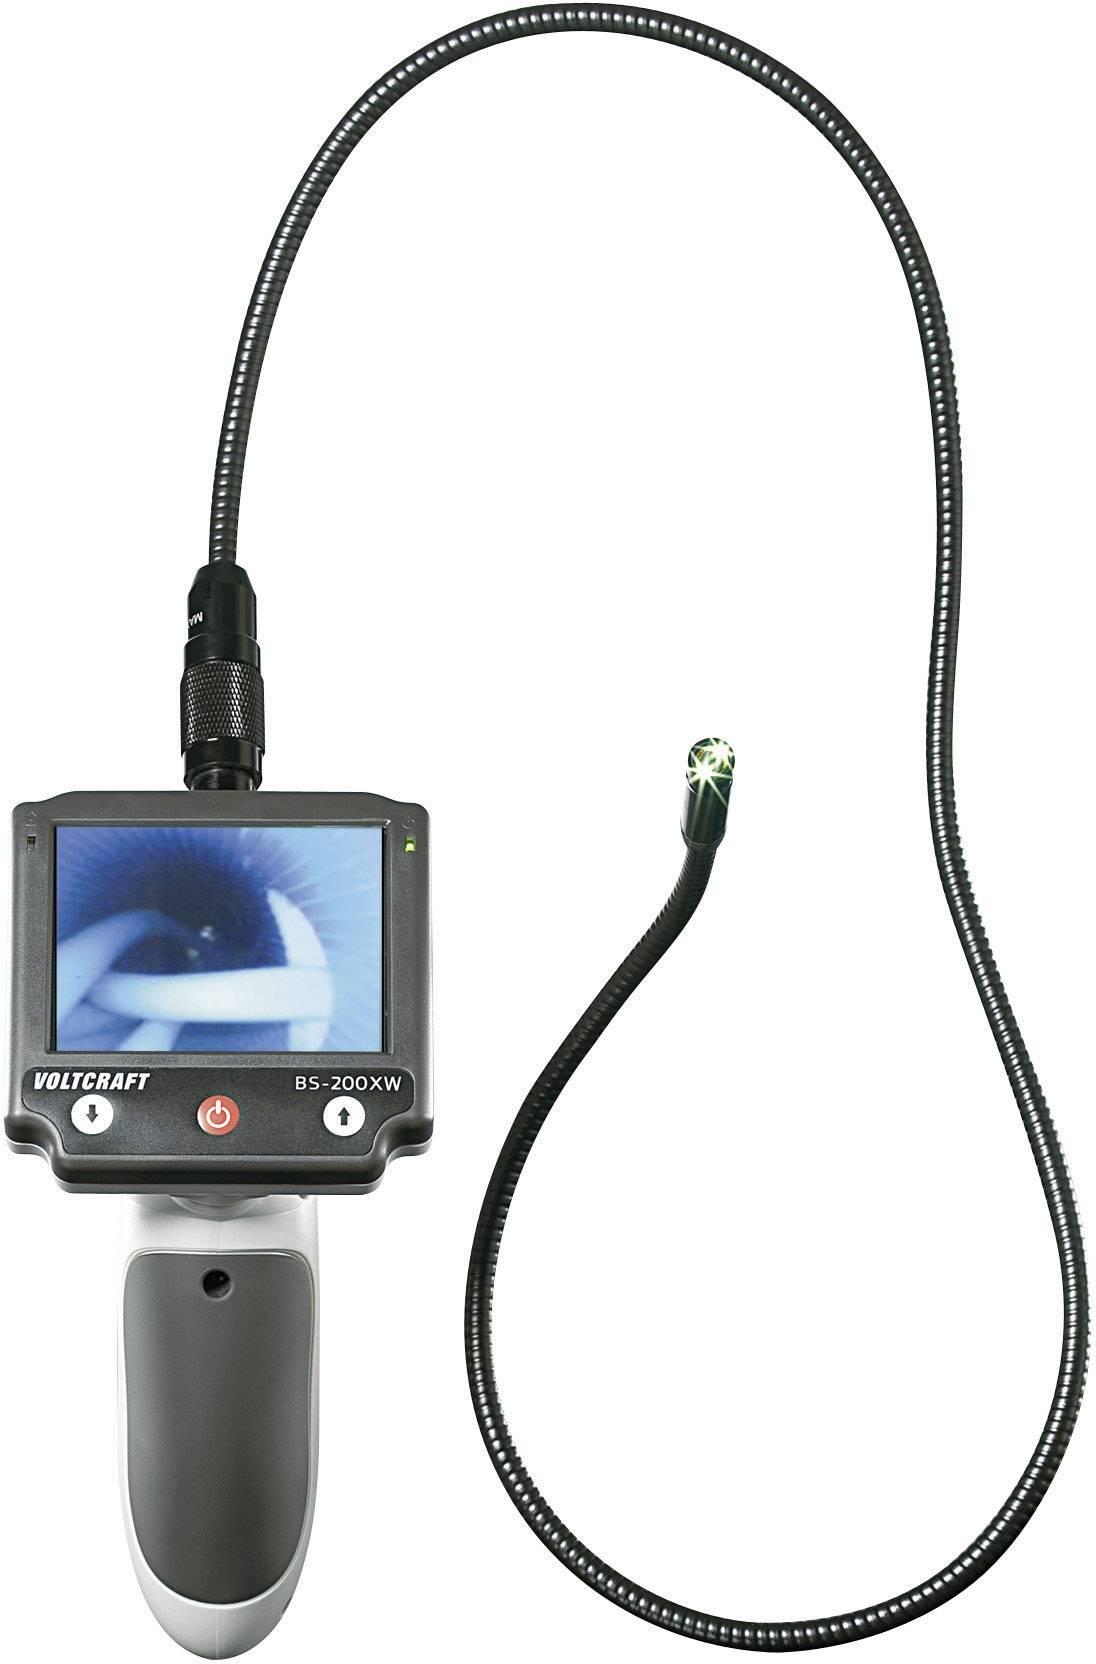 Endoskop s odnímatelným displejom VOLTCRAFT BS-200XW, Ø sondy 8 mm, délka sondy 88 cm